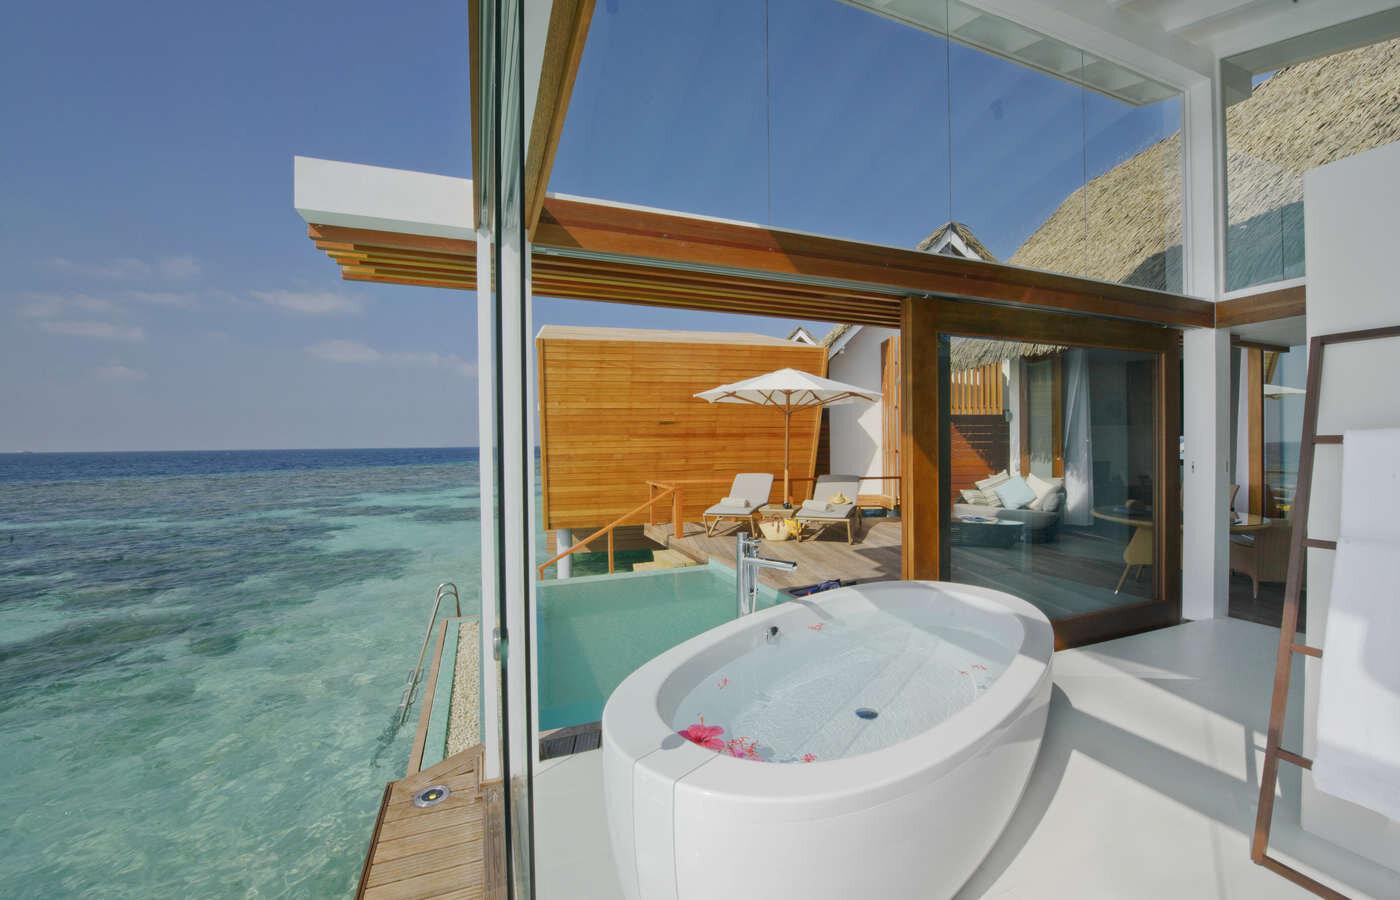 021 - Ocean Pool Villa.jpg